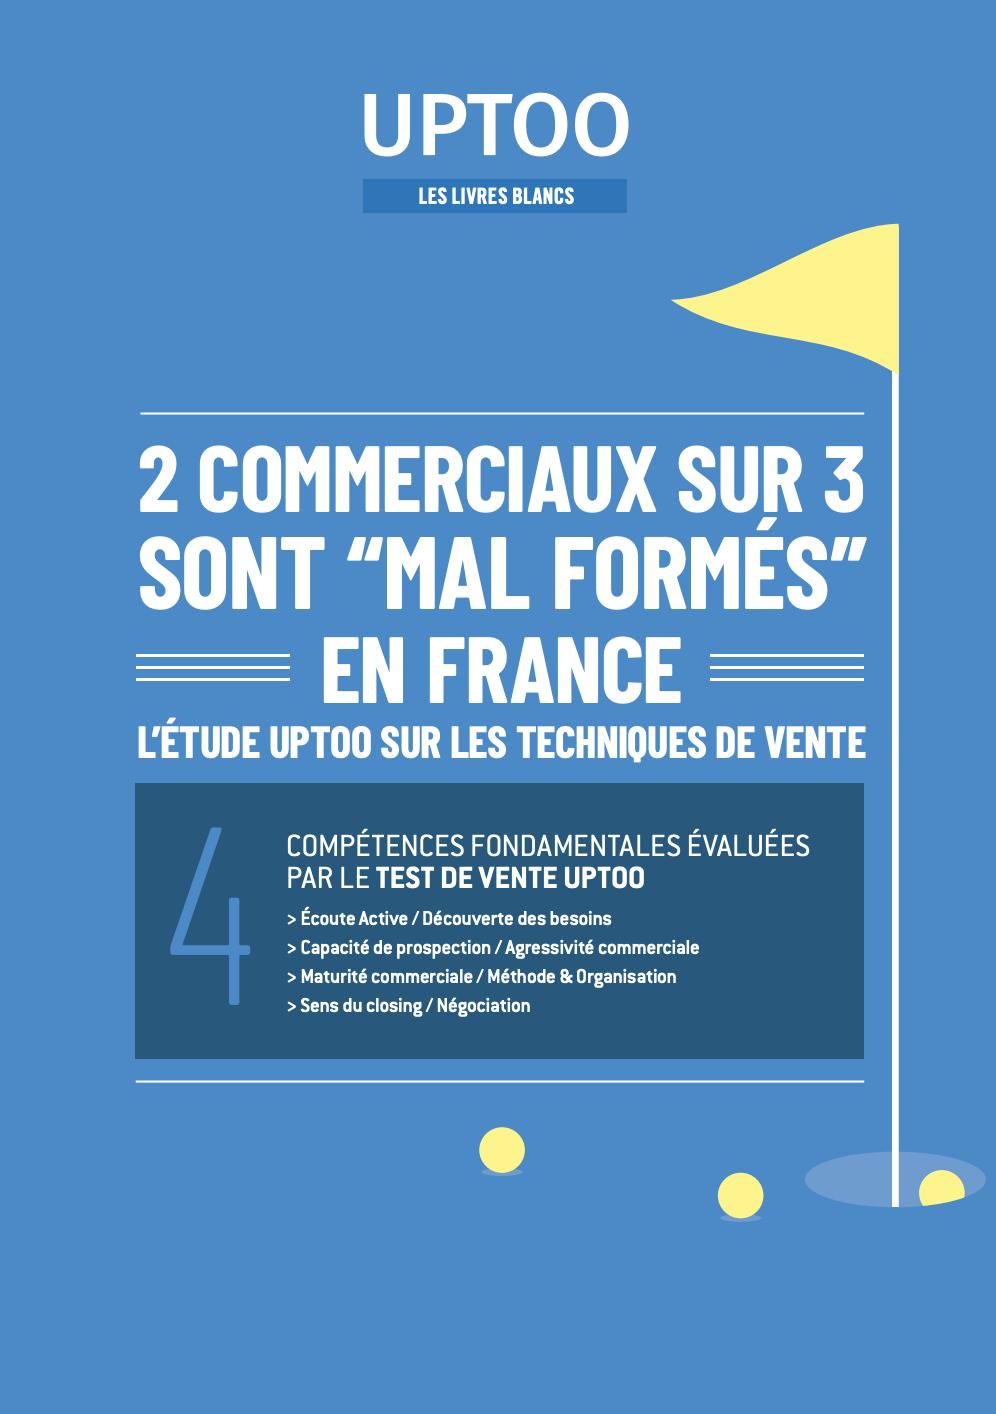 Formation des commerciaux : État des lieux en France